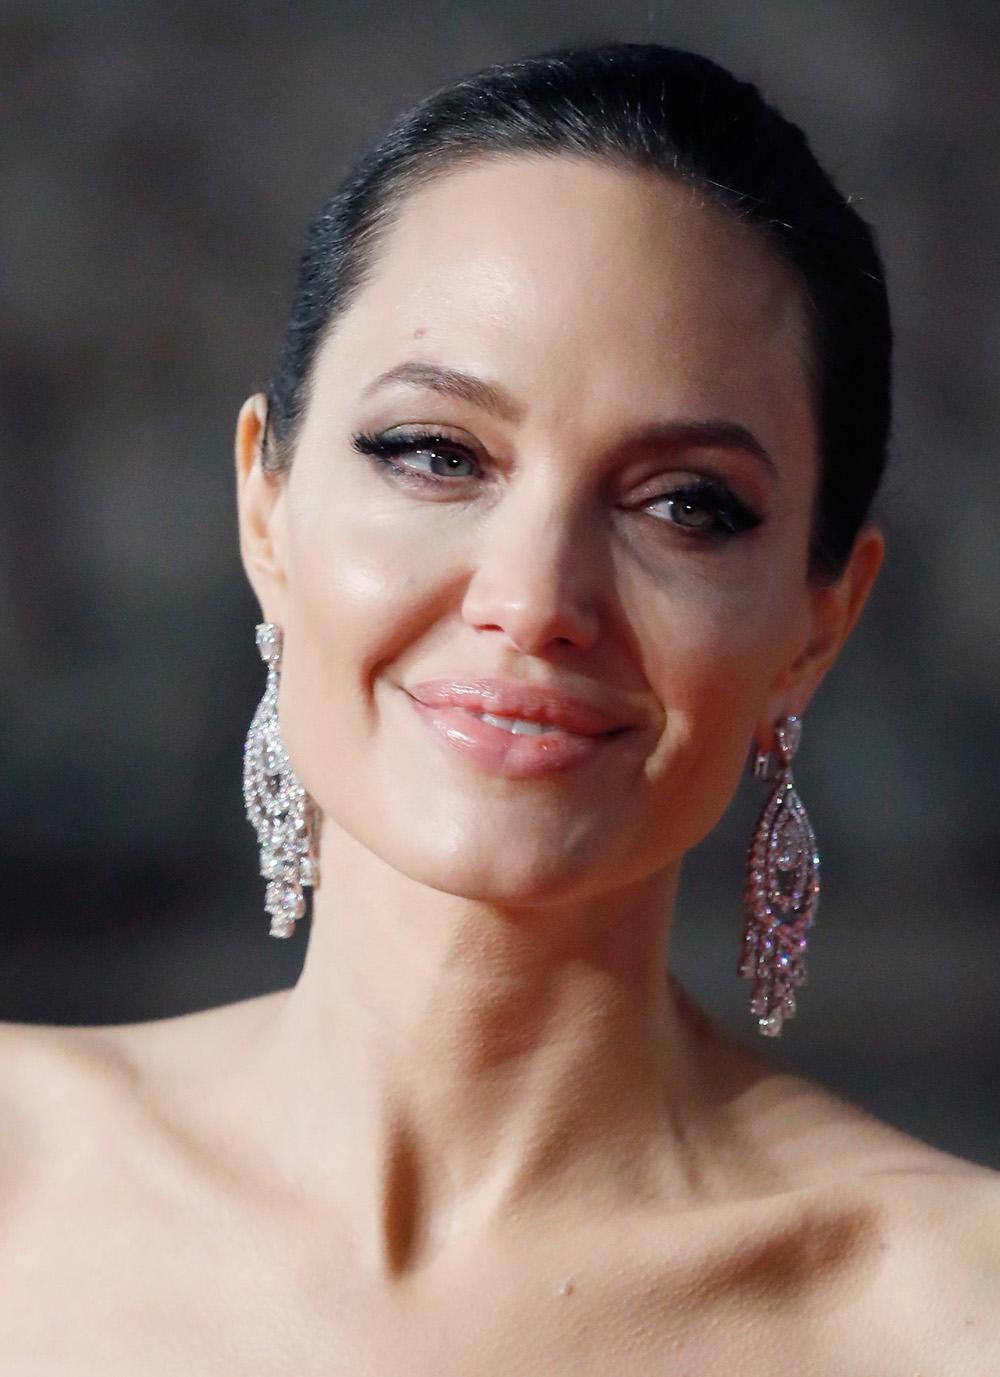 Не опять, а снова: Анжелина Джоли в королевском черном бархате на BAFTA 2018